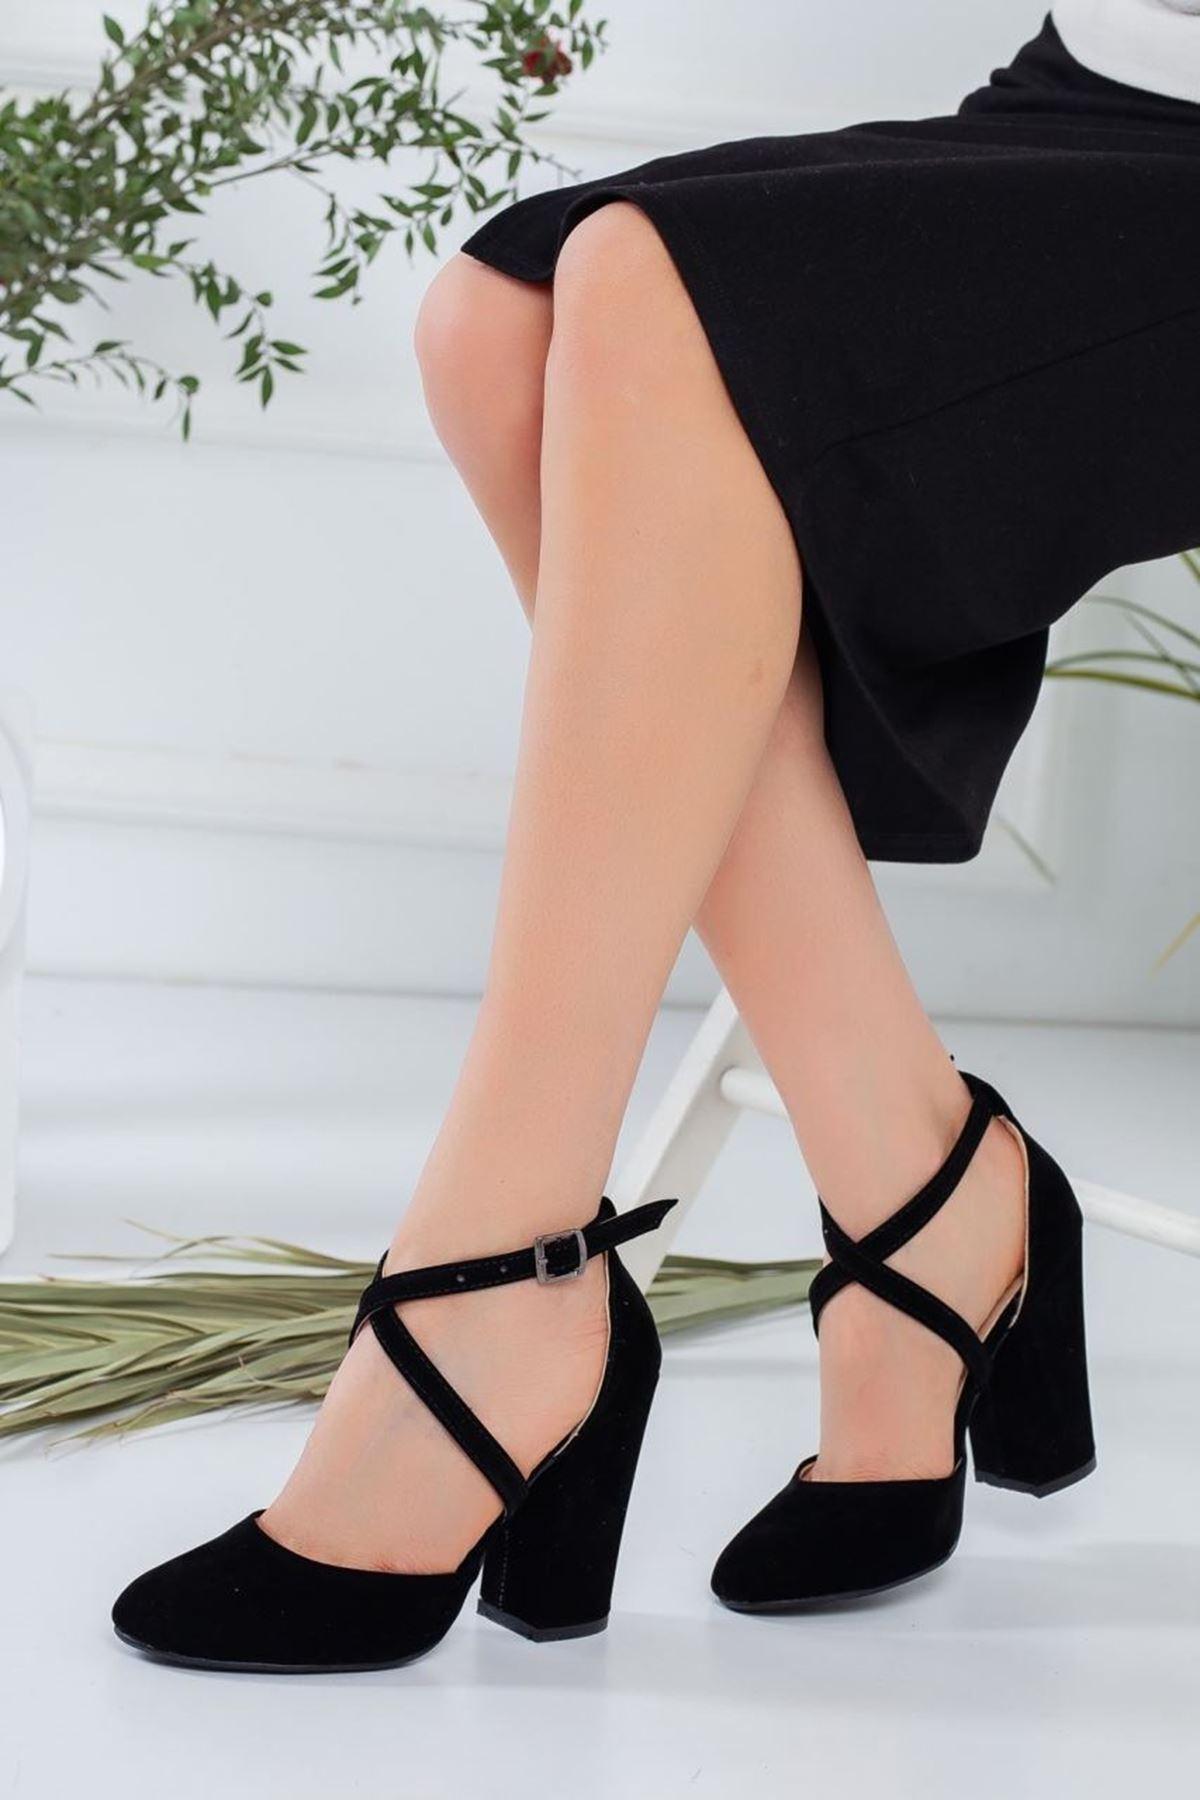 Kadın Zine Siyah Topuklu Ayakkabı